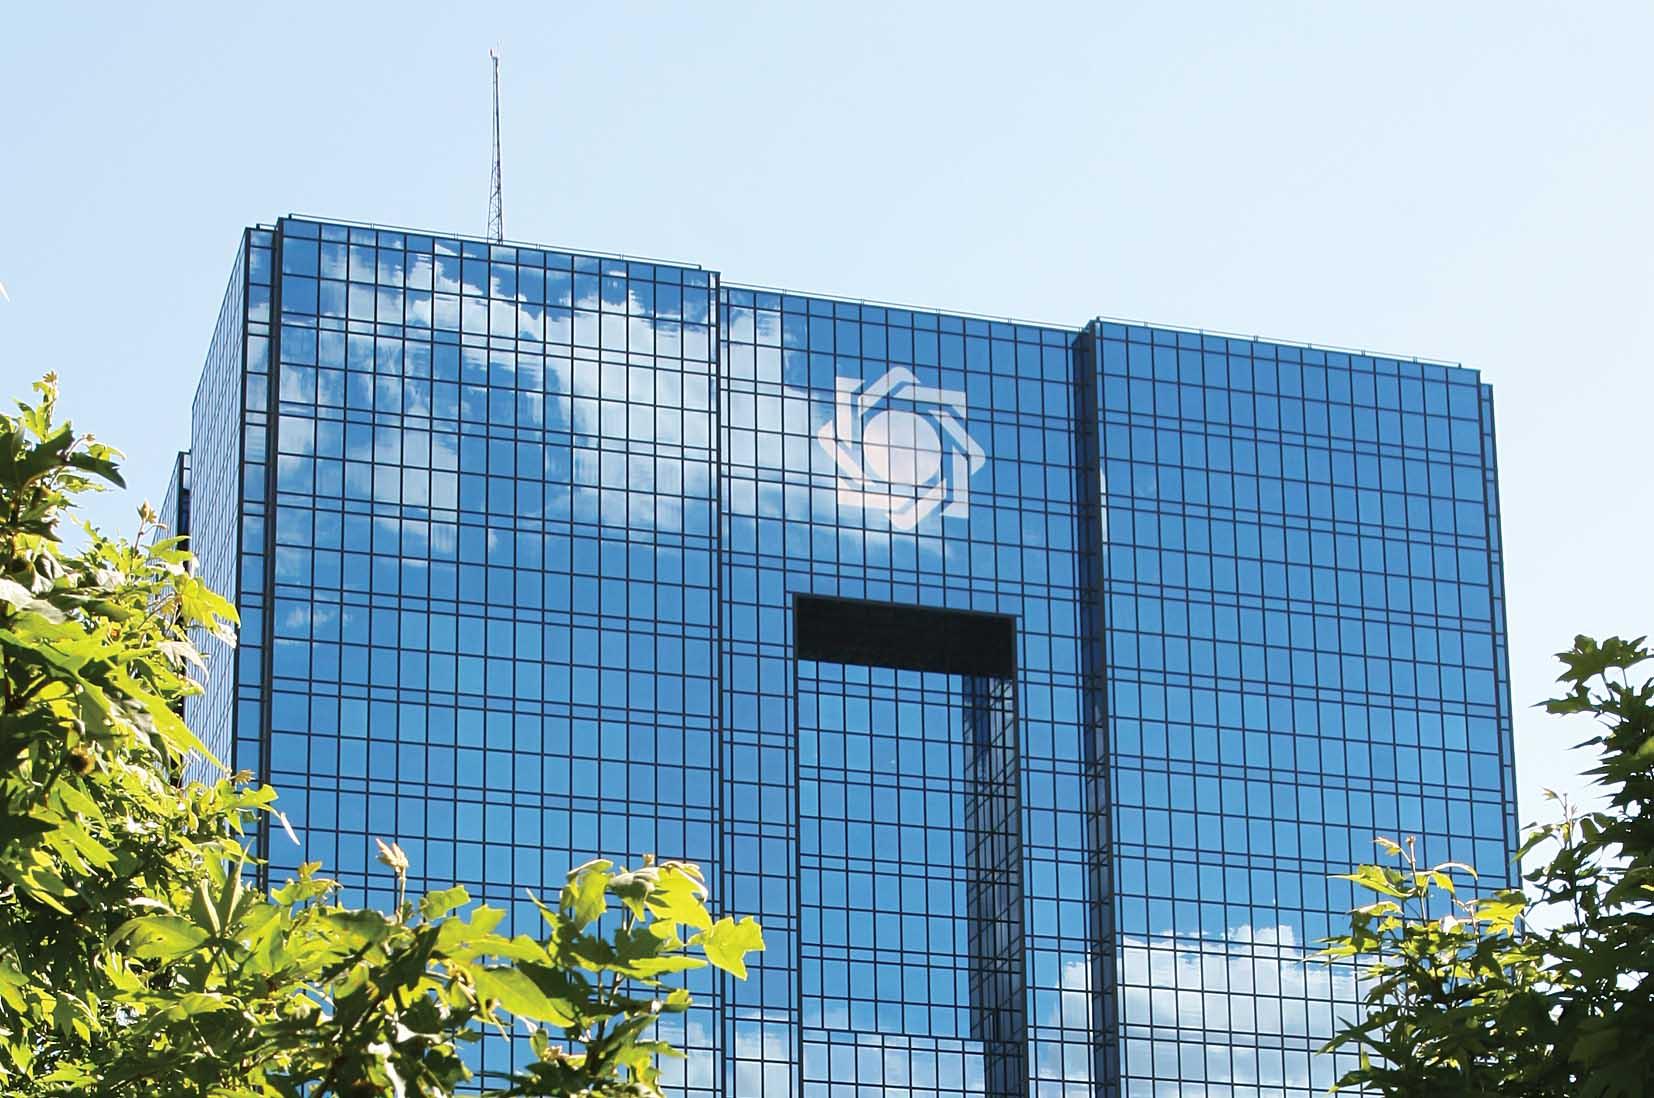 واکنش بانک مرکزی به انحلال شورای پول واعتبار